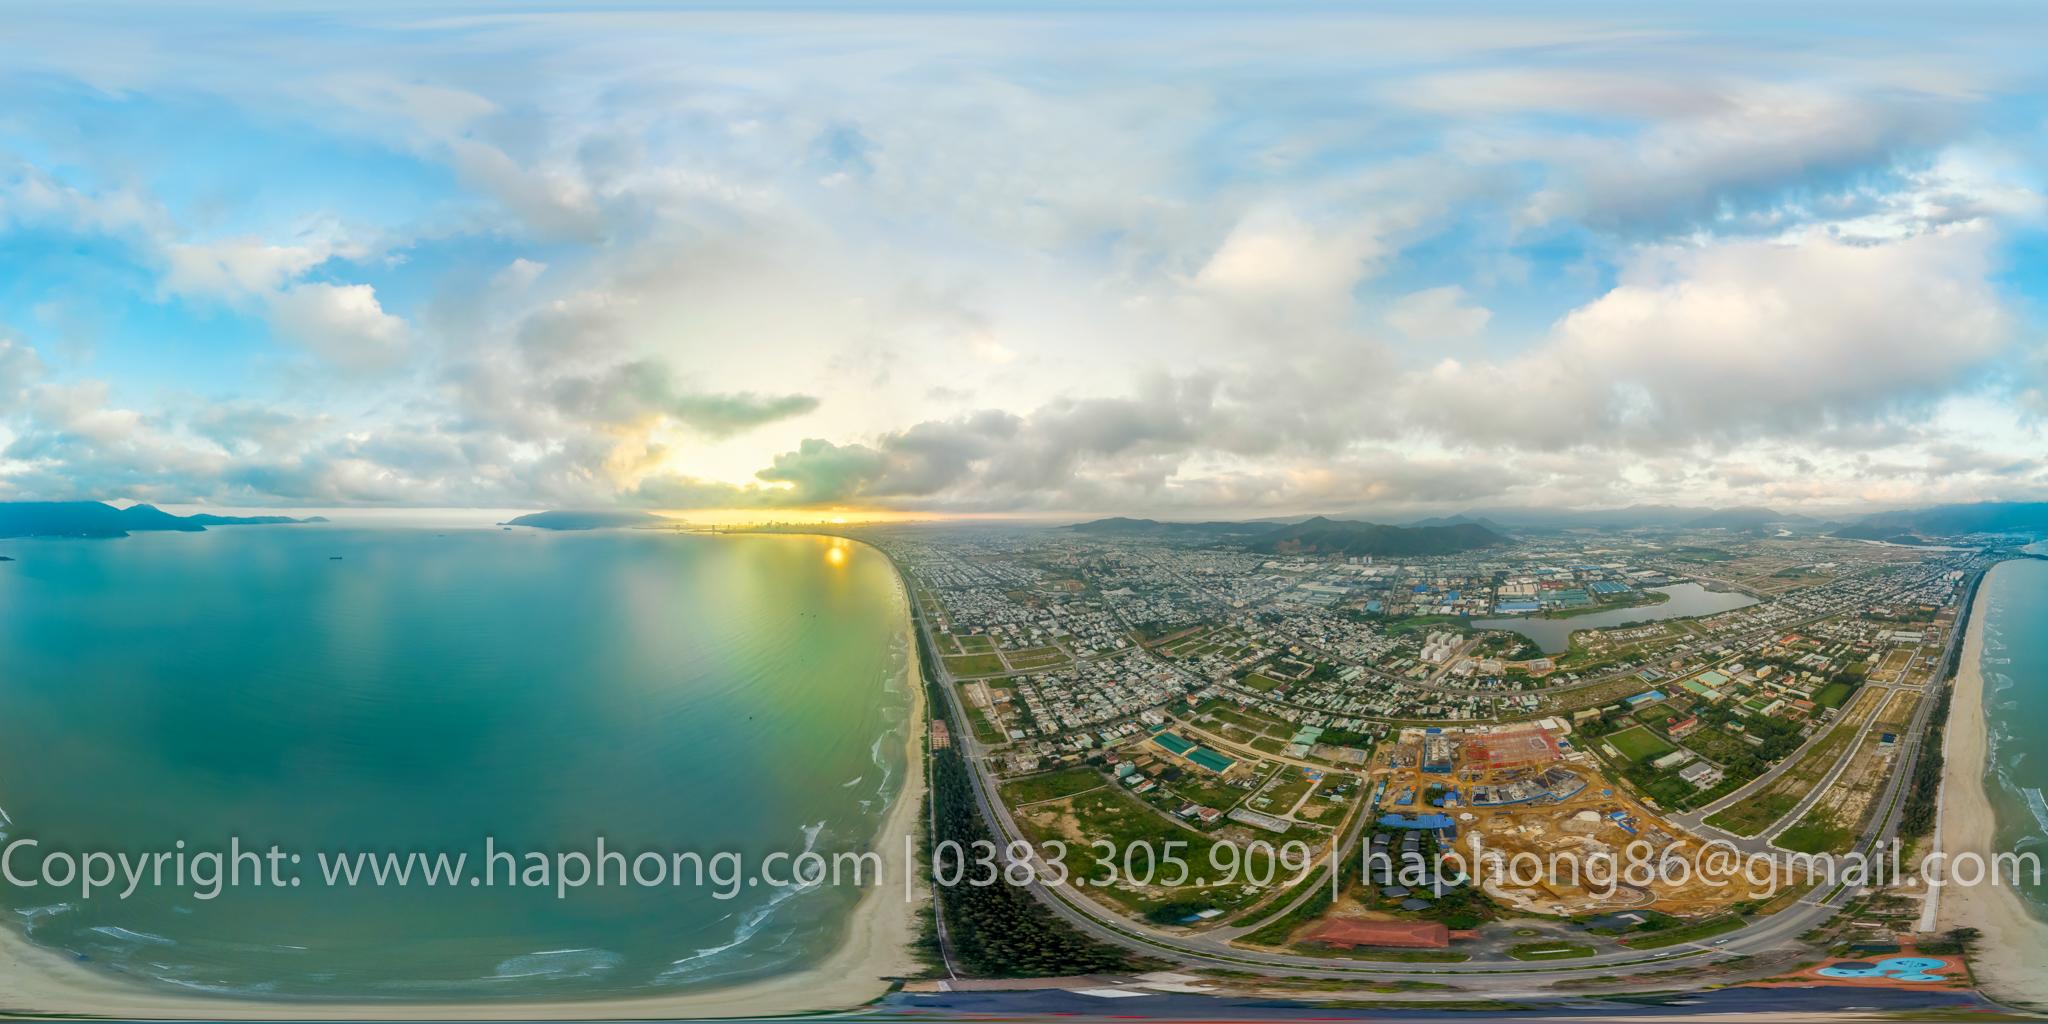 CHỤP ẢNH 360, 360 VIRTUAL TOURS, GOOGLE BUSINESS VIEW: Xuân Thiều, Hòa Khánh, Đà Nẵng